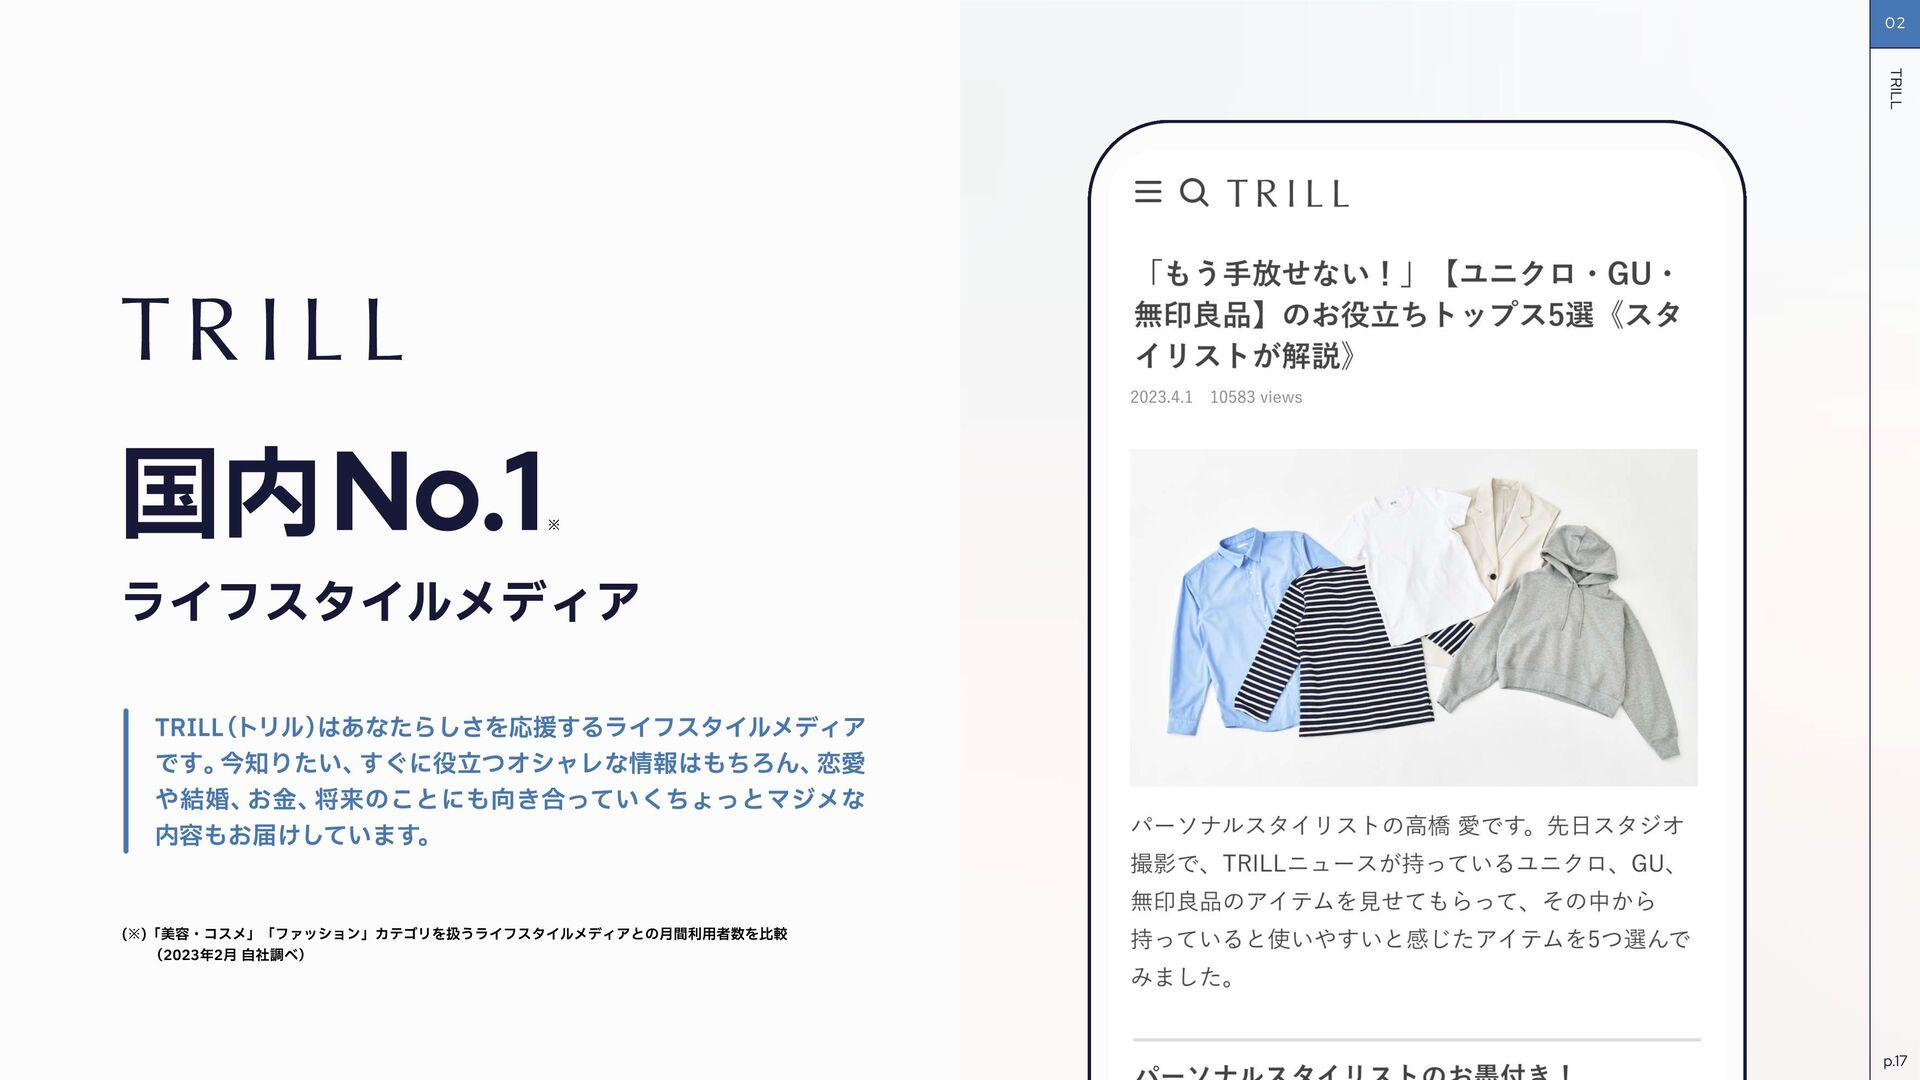 TRILLは「新たなユーザー価値を創る」という目標を掲げ、  既存のメディア事業の次のコアとな...